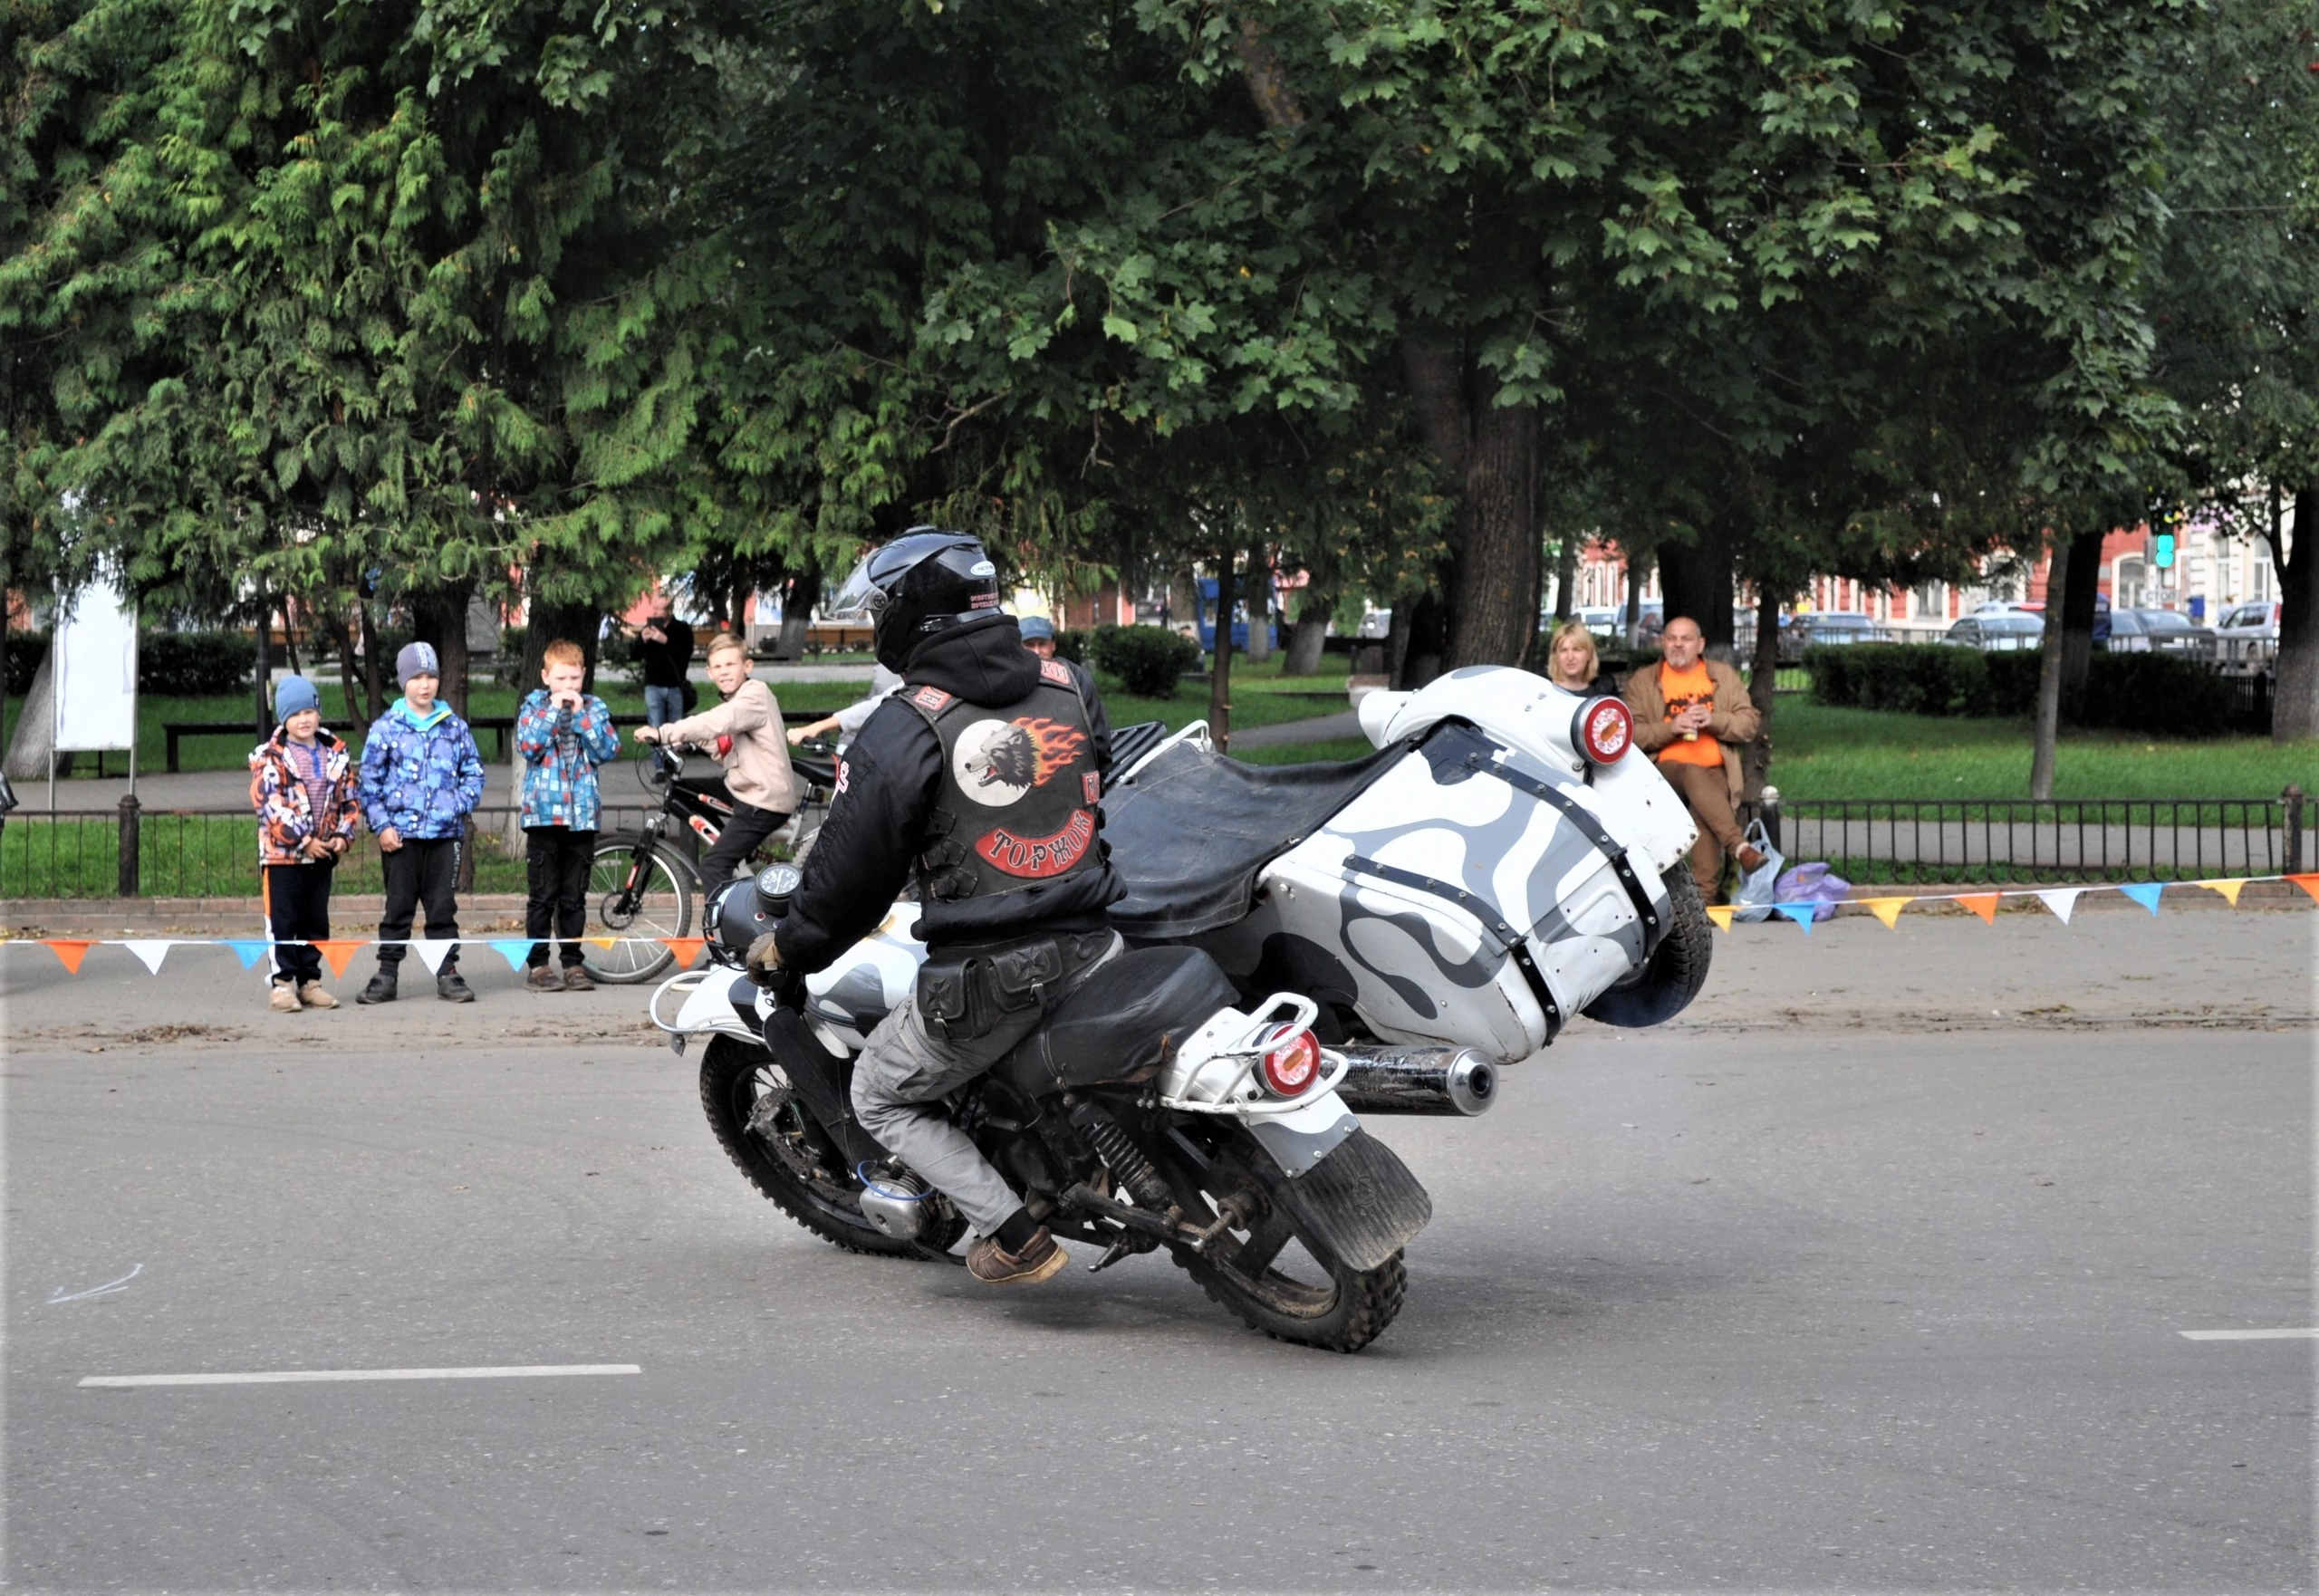 Осень гонкам не помеха: в районе Тверской области прошли соревнования по мотоджимхане